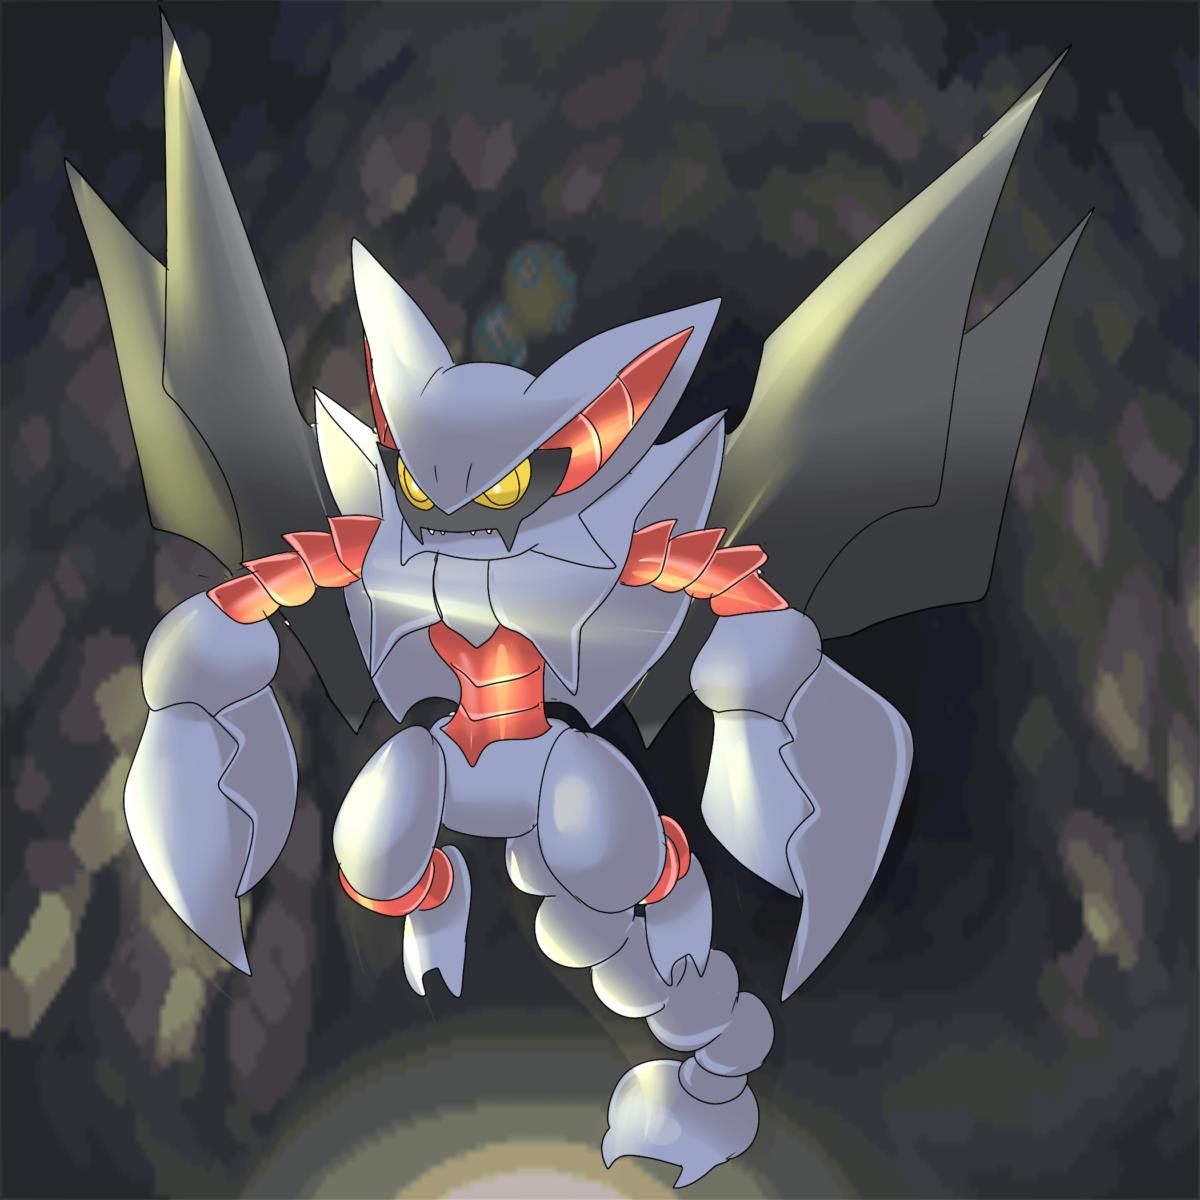 Gliscor Pokemon Anime Battle Art Images | Pokemon Images